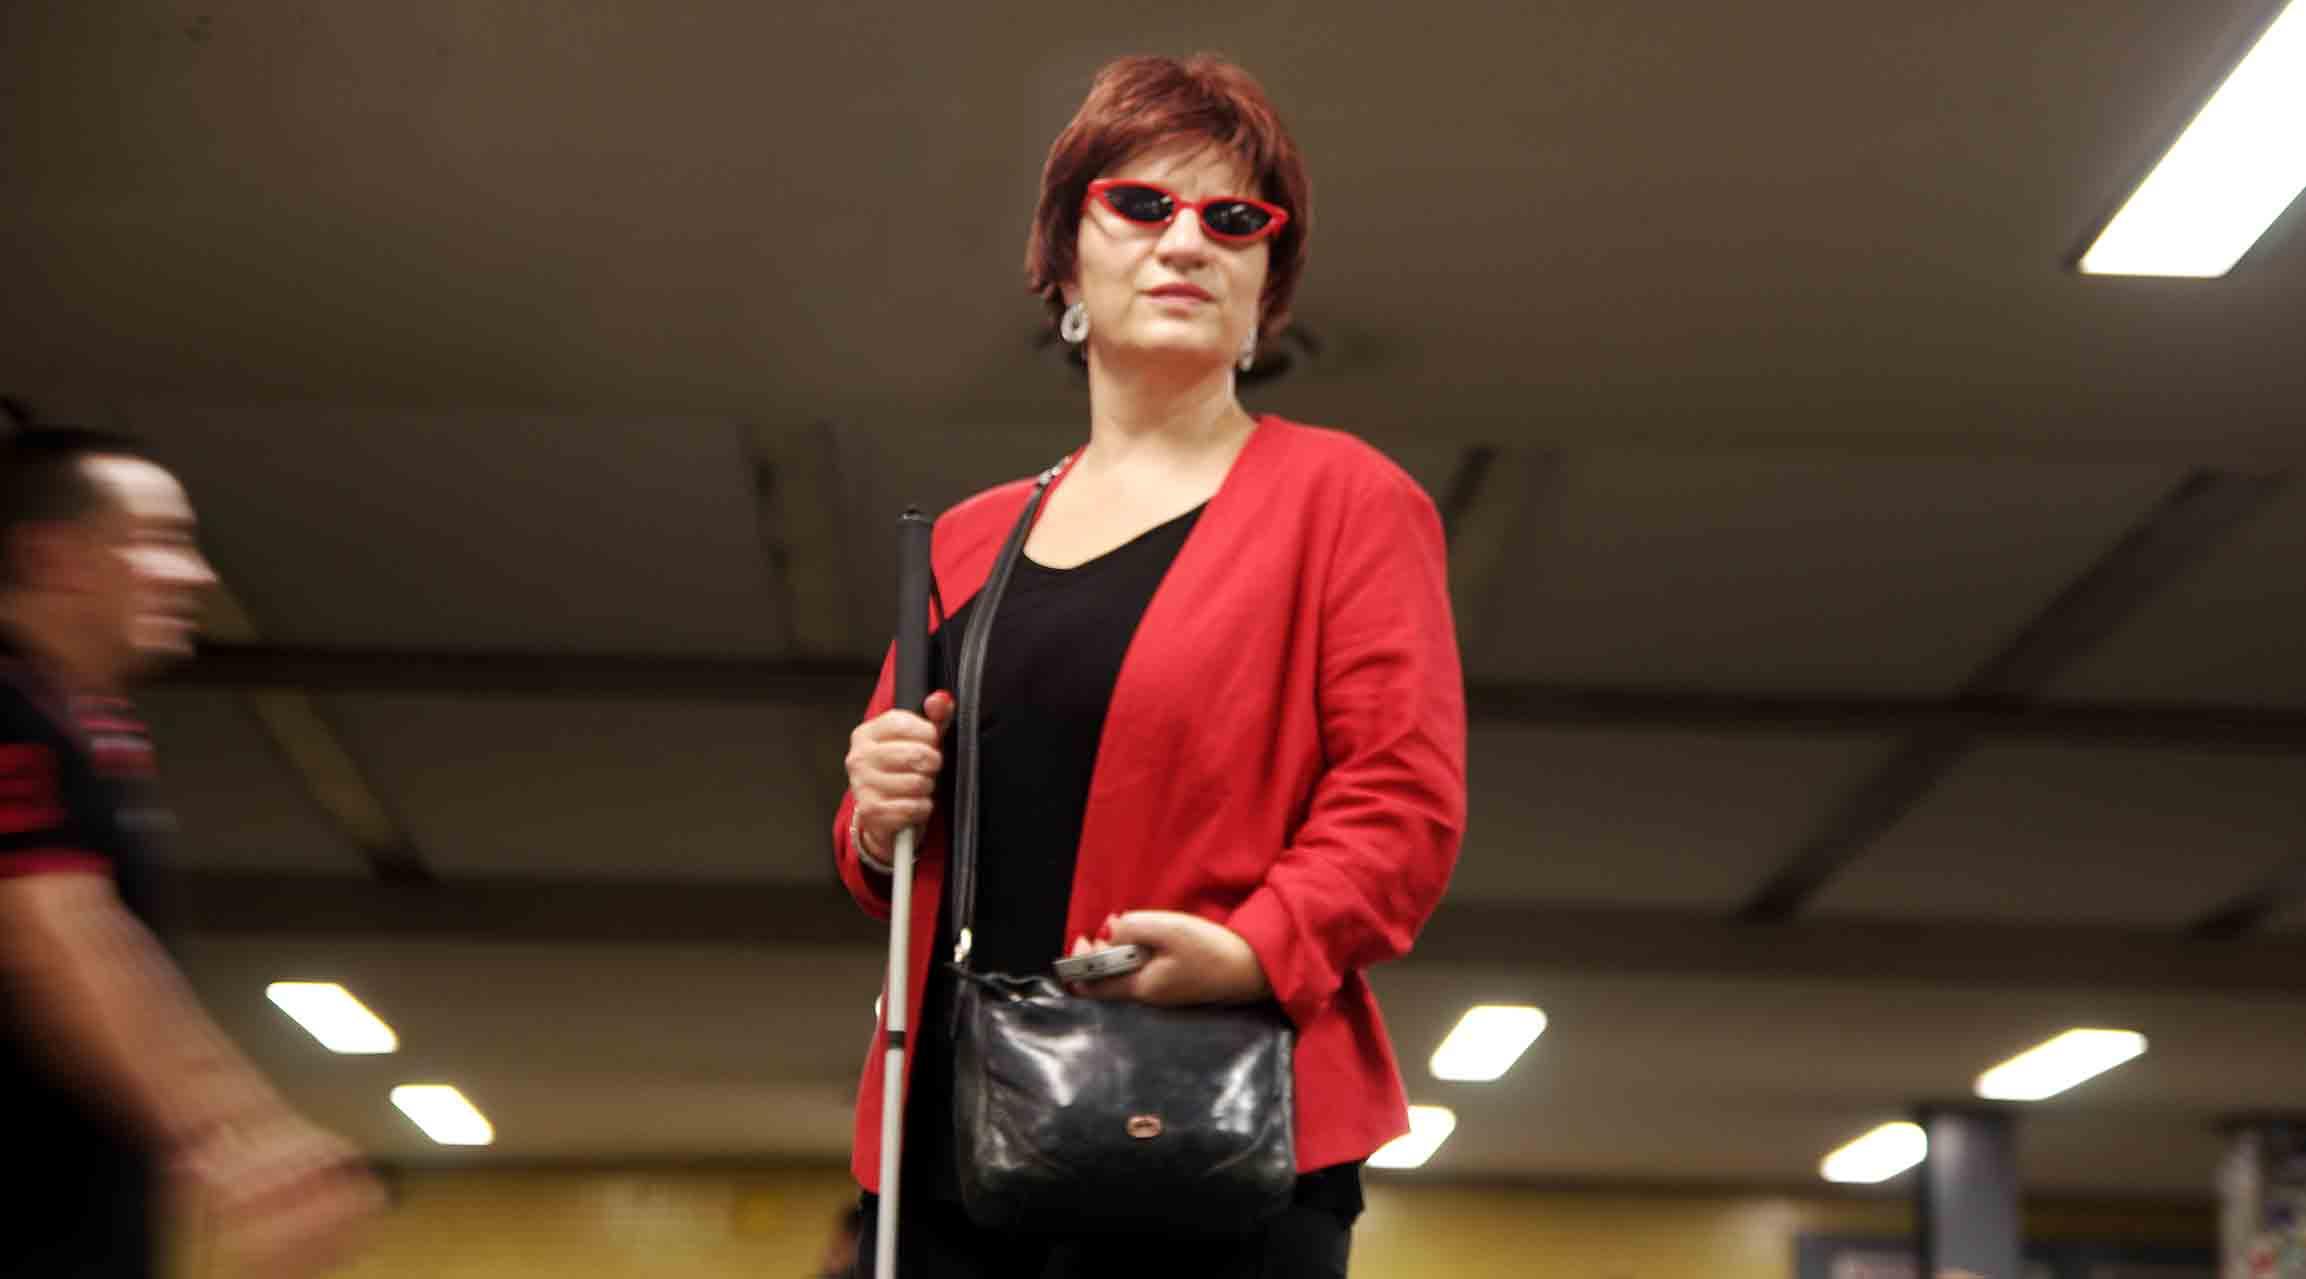 © Silja Korn. Silja Korn steht an einem Bahnsteig der U-Bahn. Sie trägt einen roten Blazer, eine rote Sonnenbrille und hält ihren Langstock in der einen, ein Smartphone in der anderen Hand.